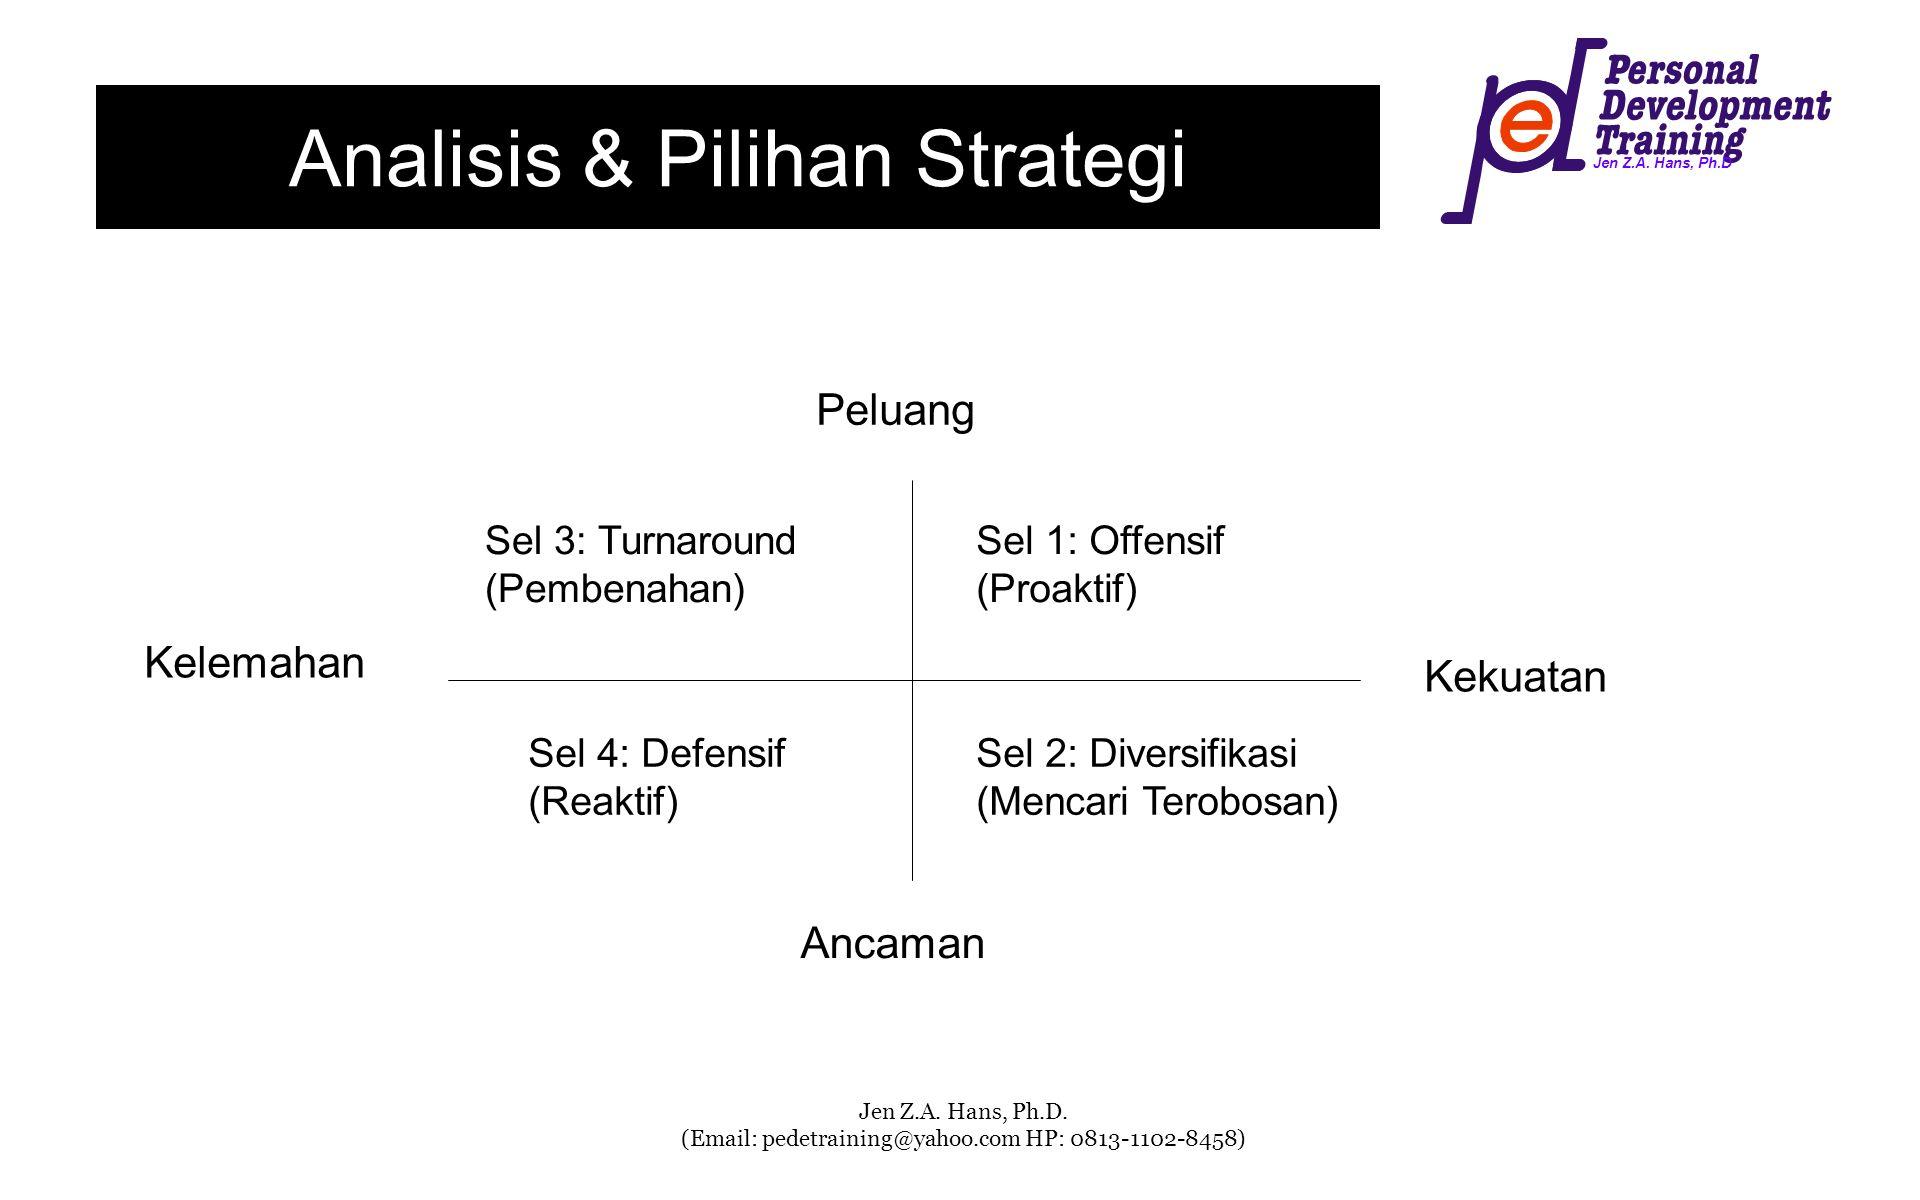 Jen Z.A. Hans, Ph.D Jen Z.A. Hans, Ph.D. (Email: pedetraining@yahoo.com HP: 0813-1102-8458) Analisis & Pilihan Strategi Sel 1: Offensif (Proaktif) Sel